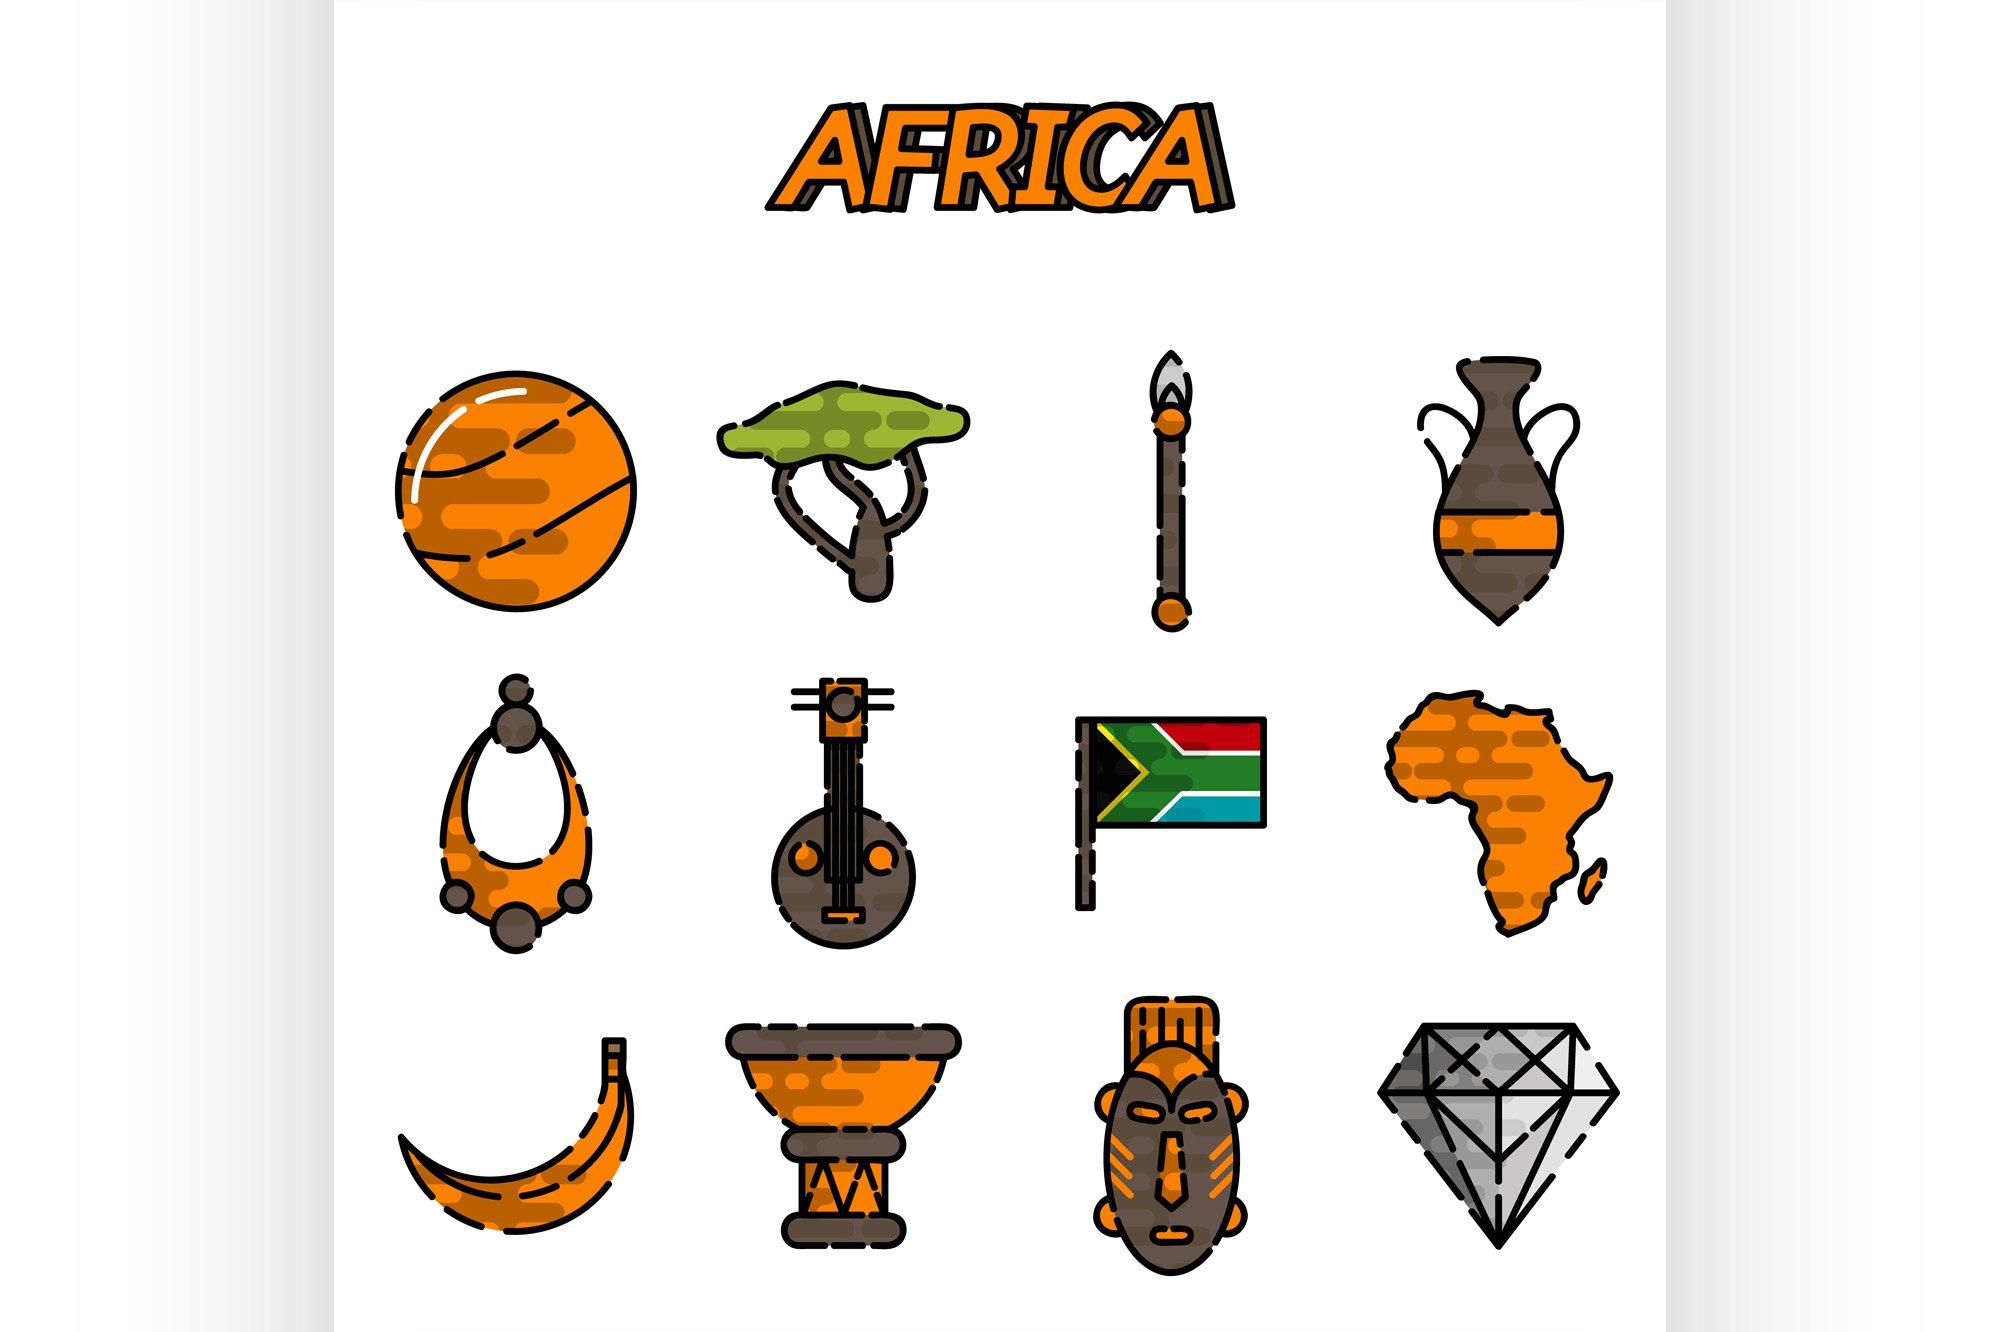 Africa flat icons set example image 1